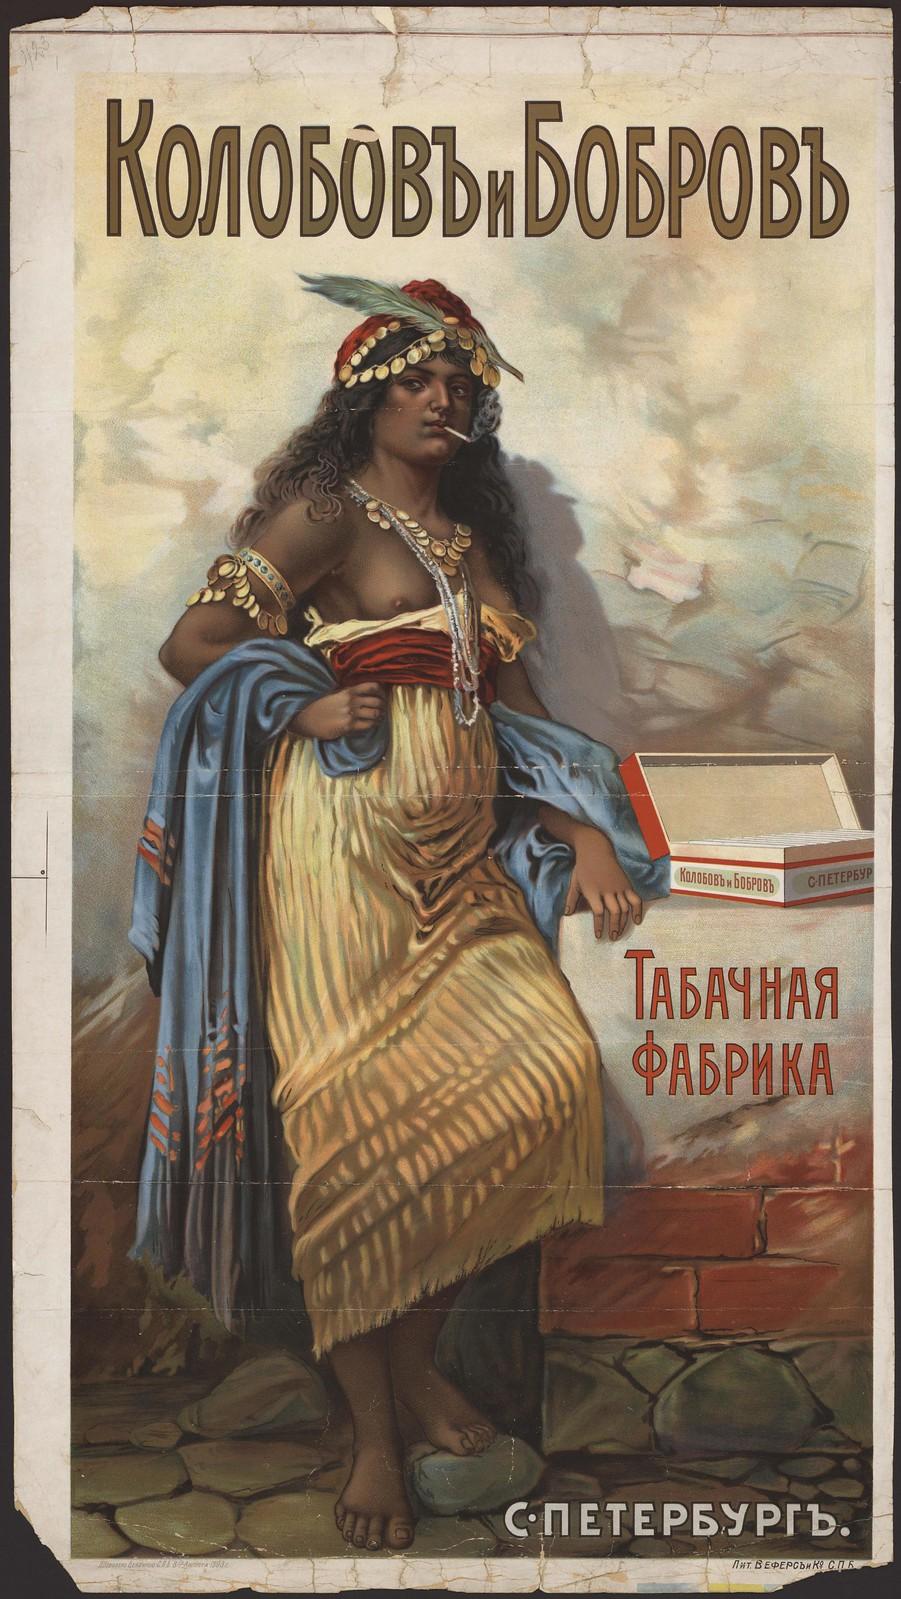 Колобов и Бобров. Табачная фабрика. С.-Петербург. 1903